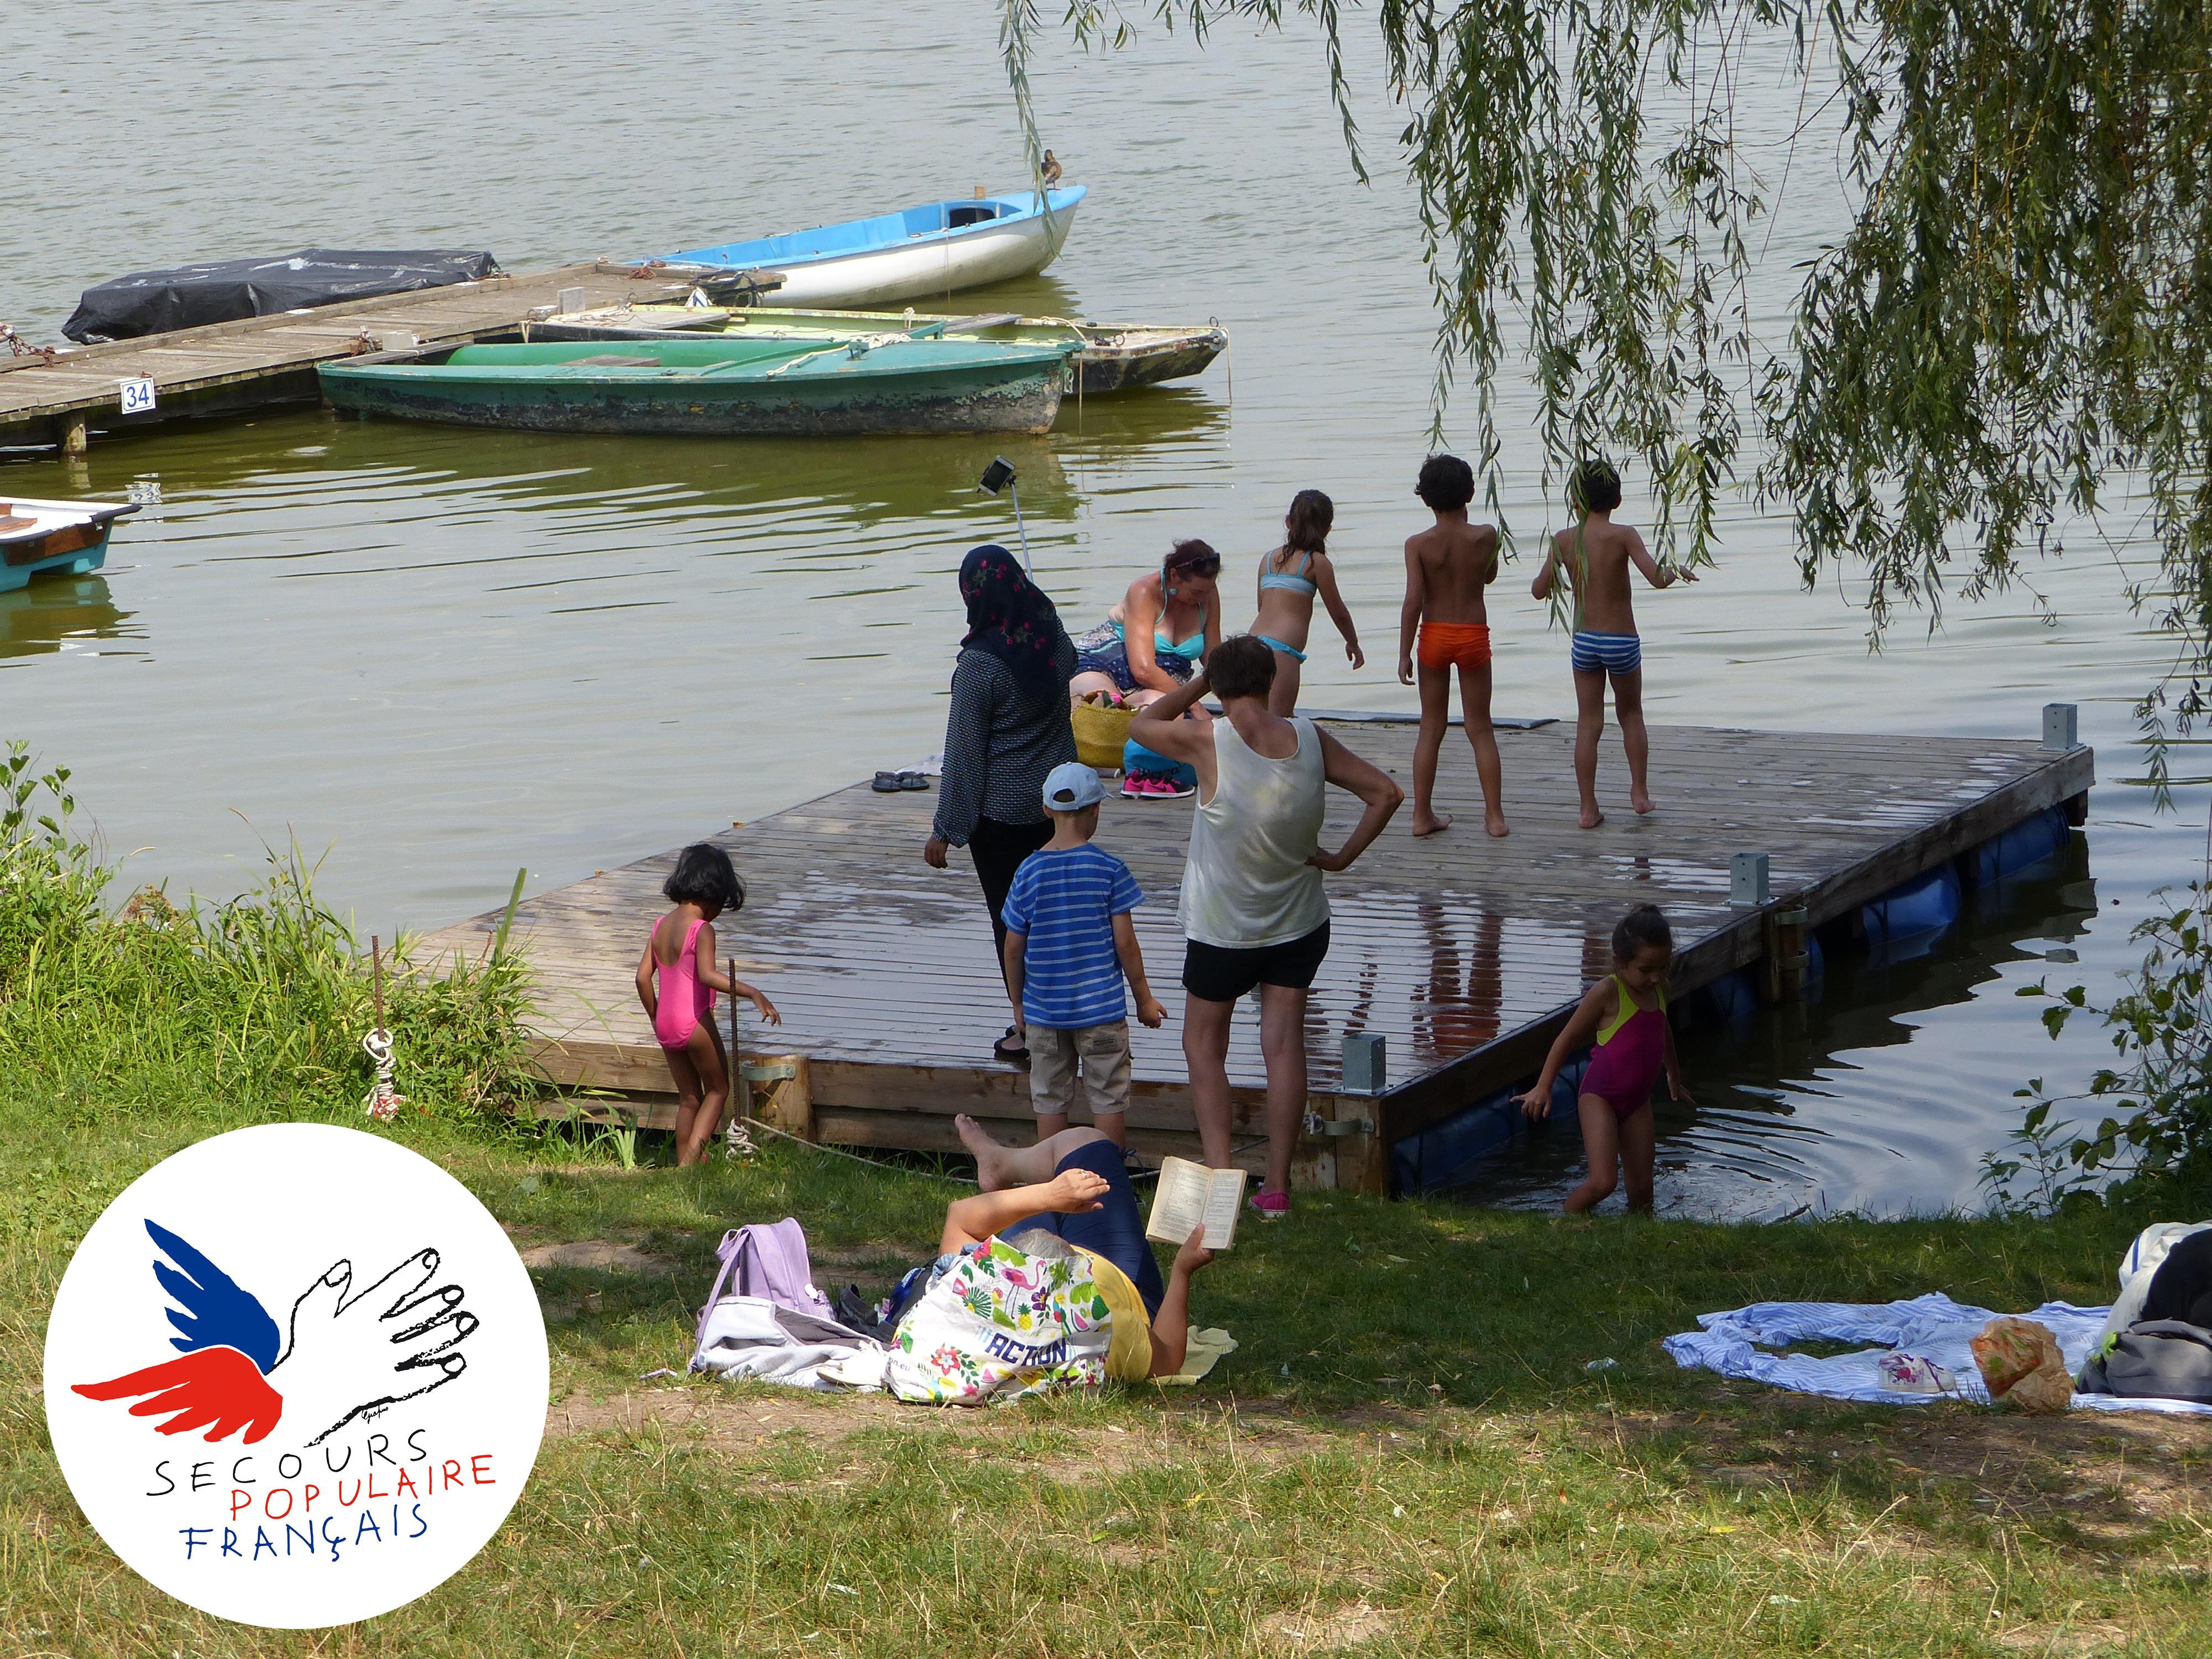 Séjour avec le secours populaire français. Été 2018. Lac des sapins. Haut-Beaujolais.